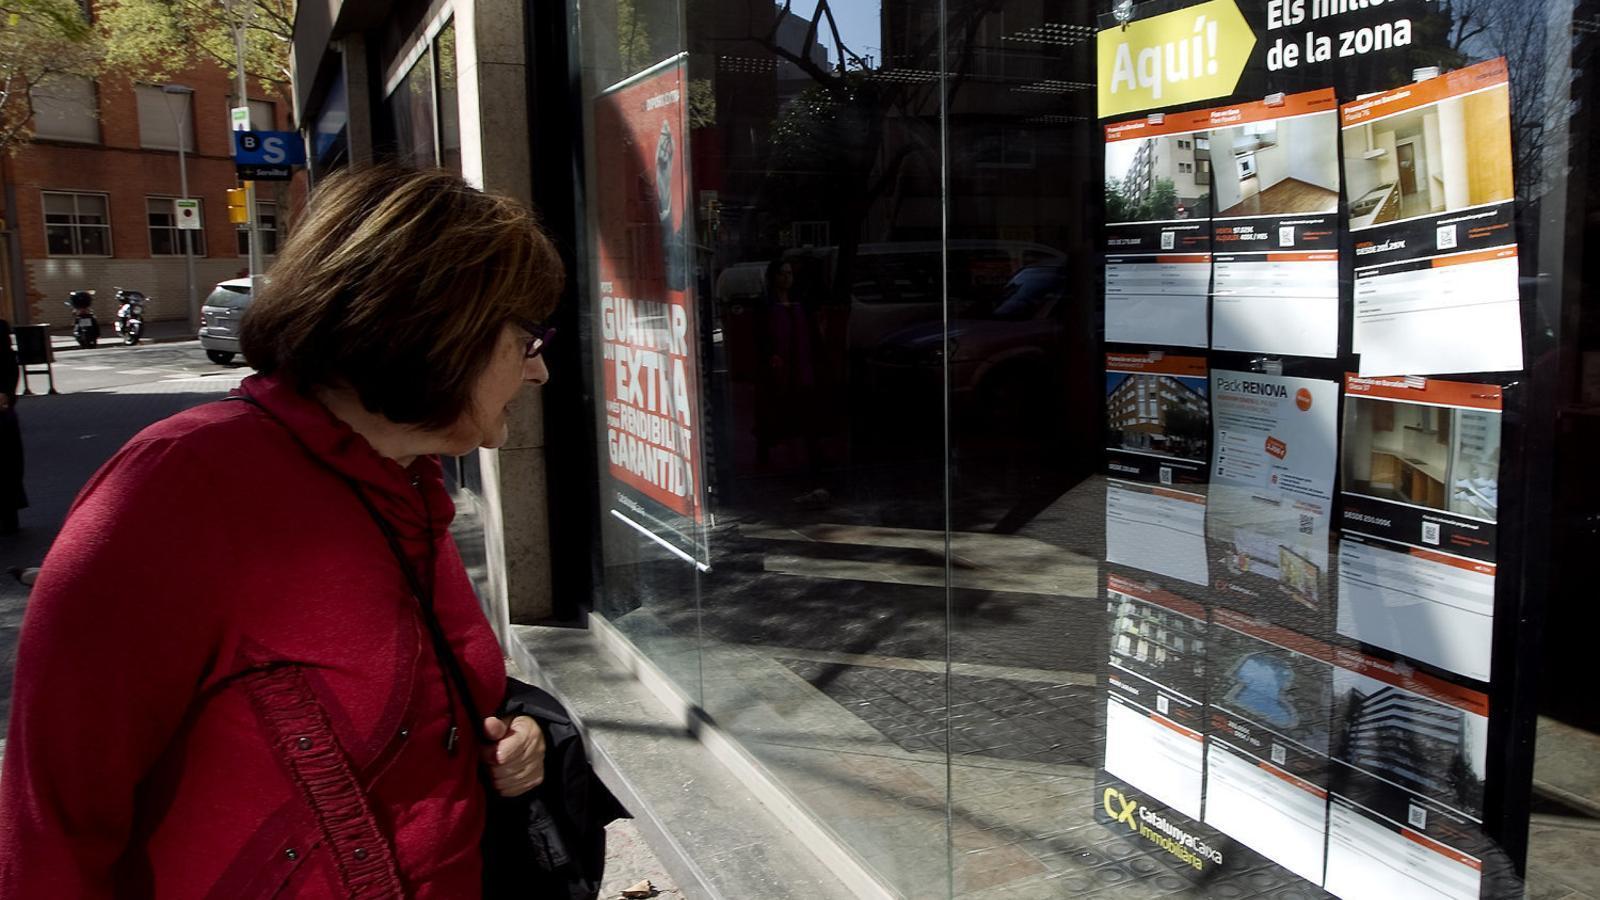 El mercat d'habitatges de lloguer està vivint un boom en ciutats com Barcelona.